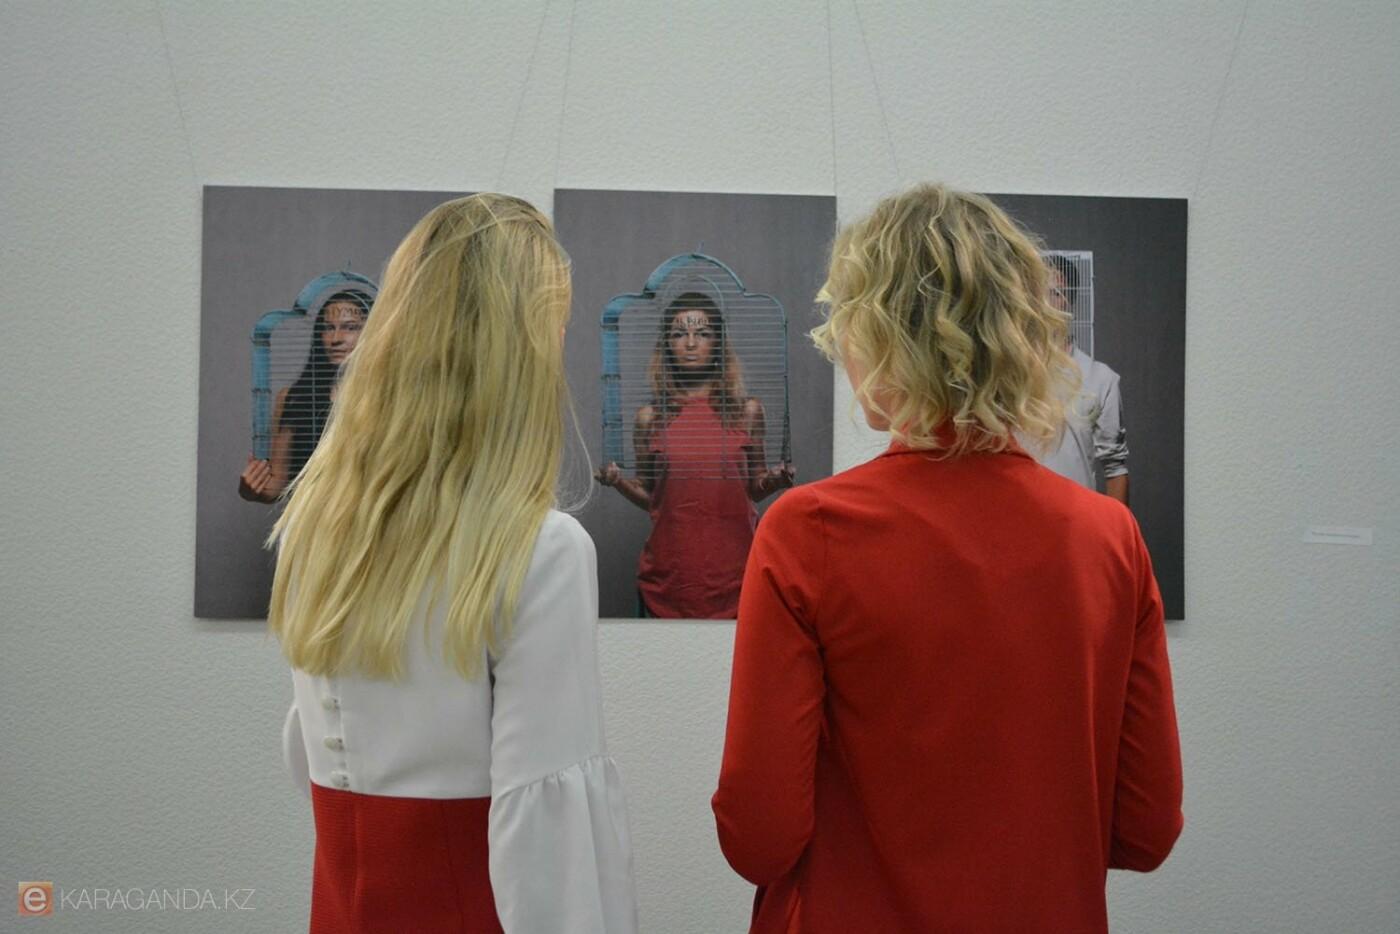 В Караганде проведена выставка «Монолог 33», фото-2